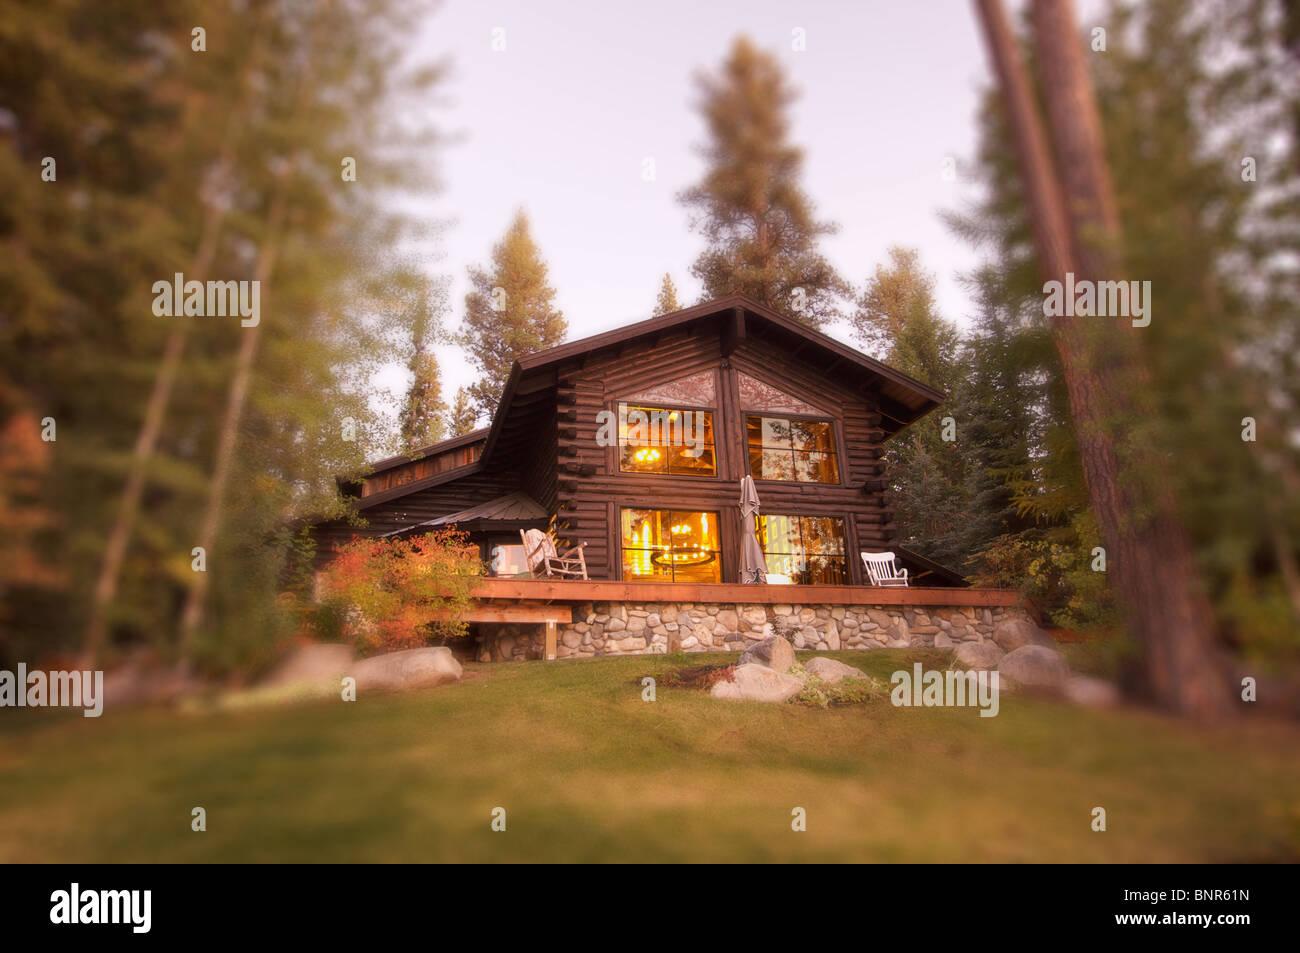 Belle Log Cabin Exterior parmi les pins Photo Stock